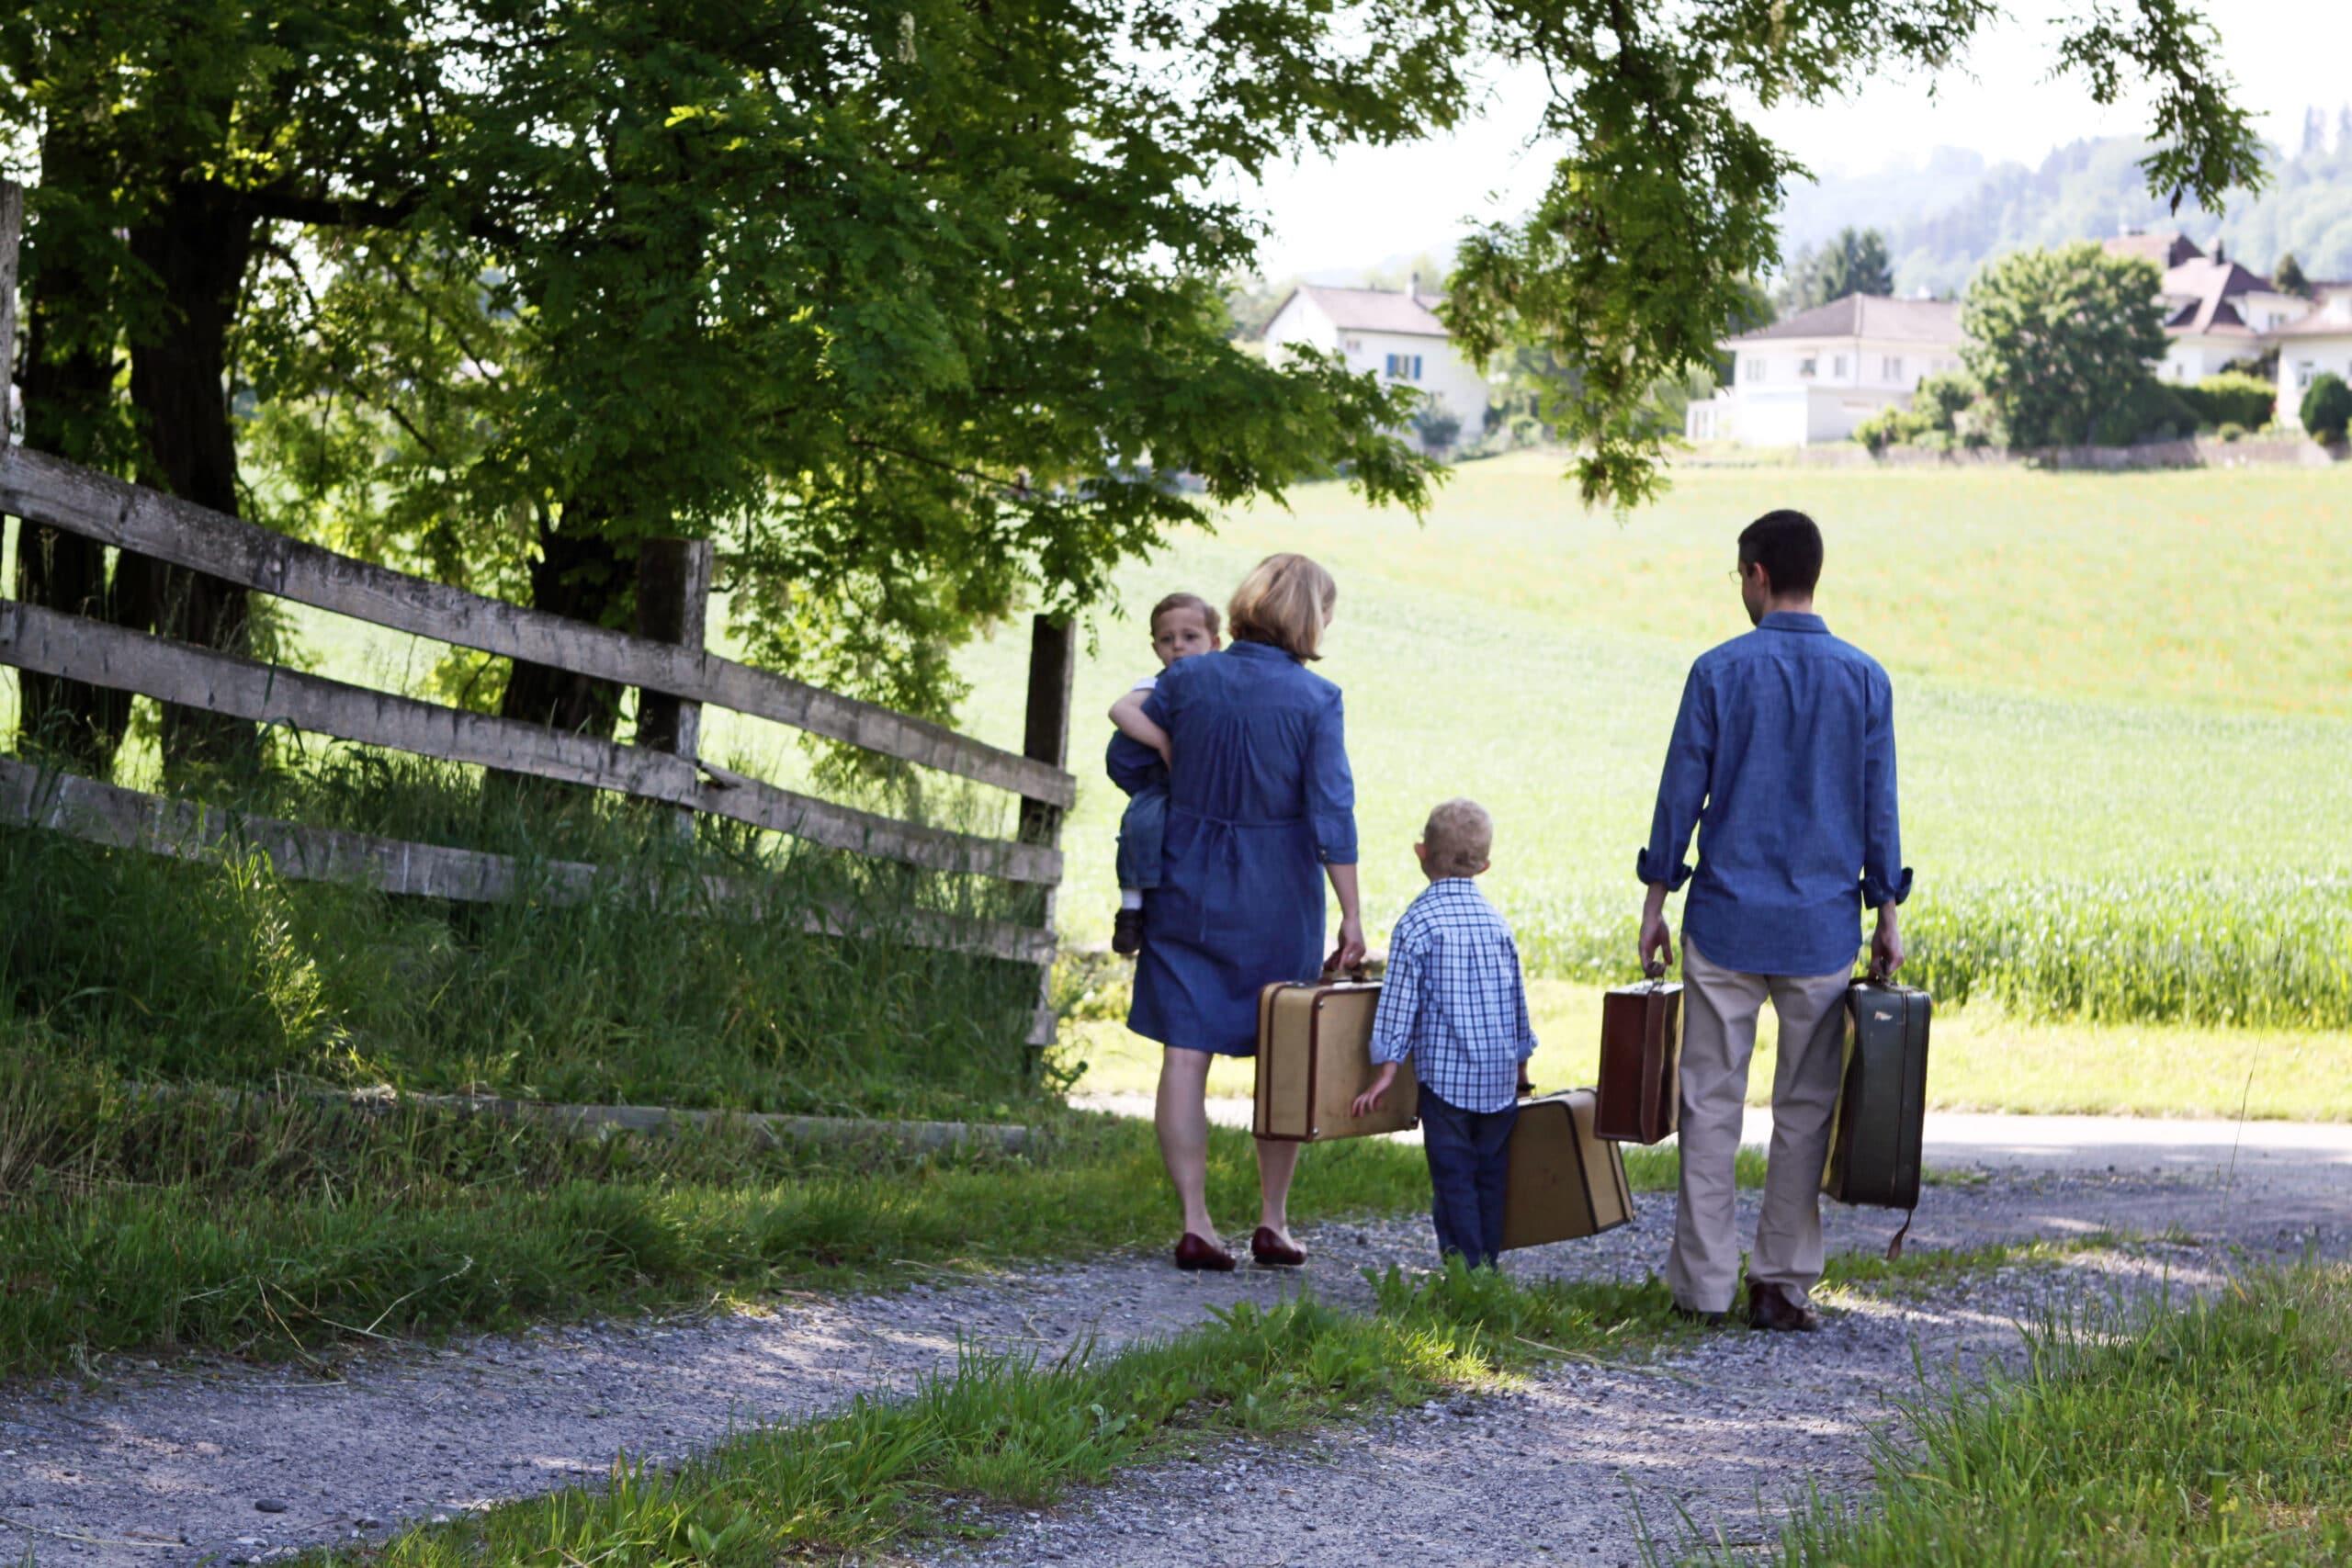 SWITZERLAND: Transitioning Children